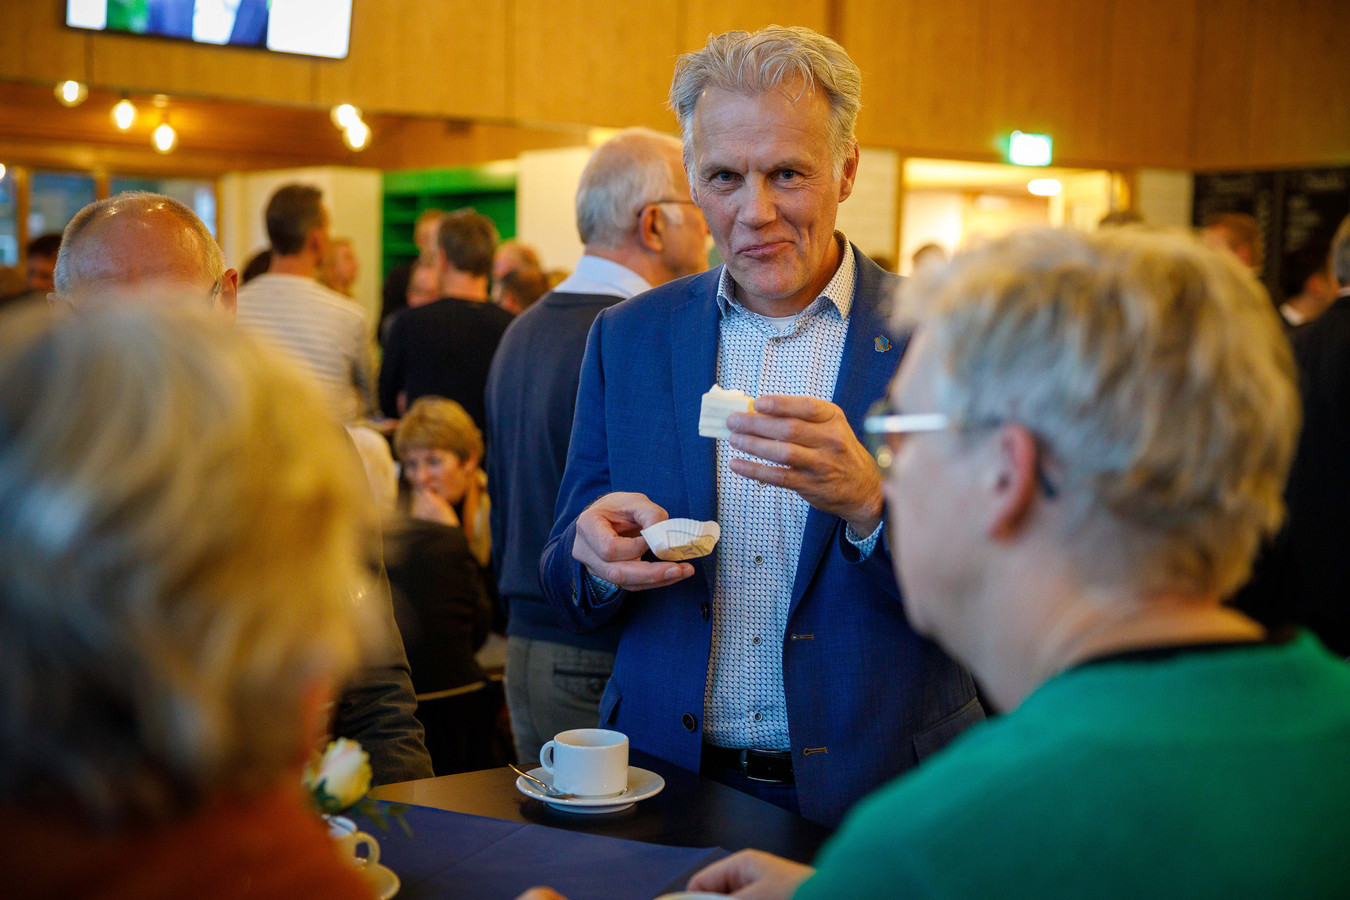 SGP-wethouder Lucas Mulders integriteit is in het geding na beschuldigingen van vriendjespolitiek door oud-wethouder Bert Krale (CDA). Dat stelt fractievoorzitter Alfred Stegeman van Gemeentebelangen. Mulder verscheen afgelopen vrijdag nog op de afscheidsreceptie van Bert Krale.